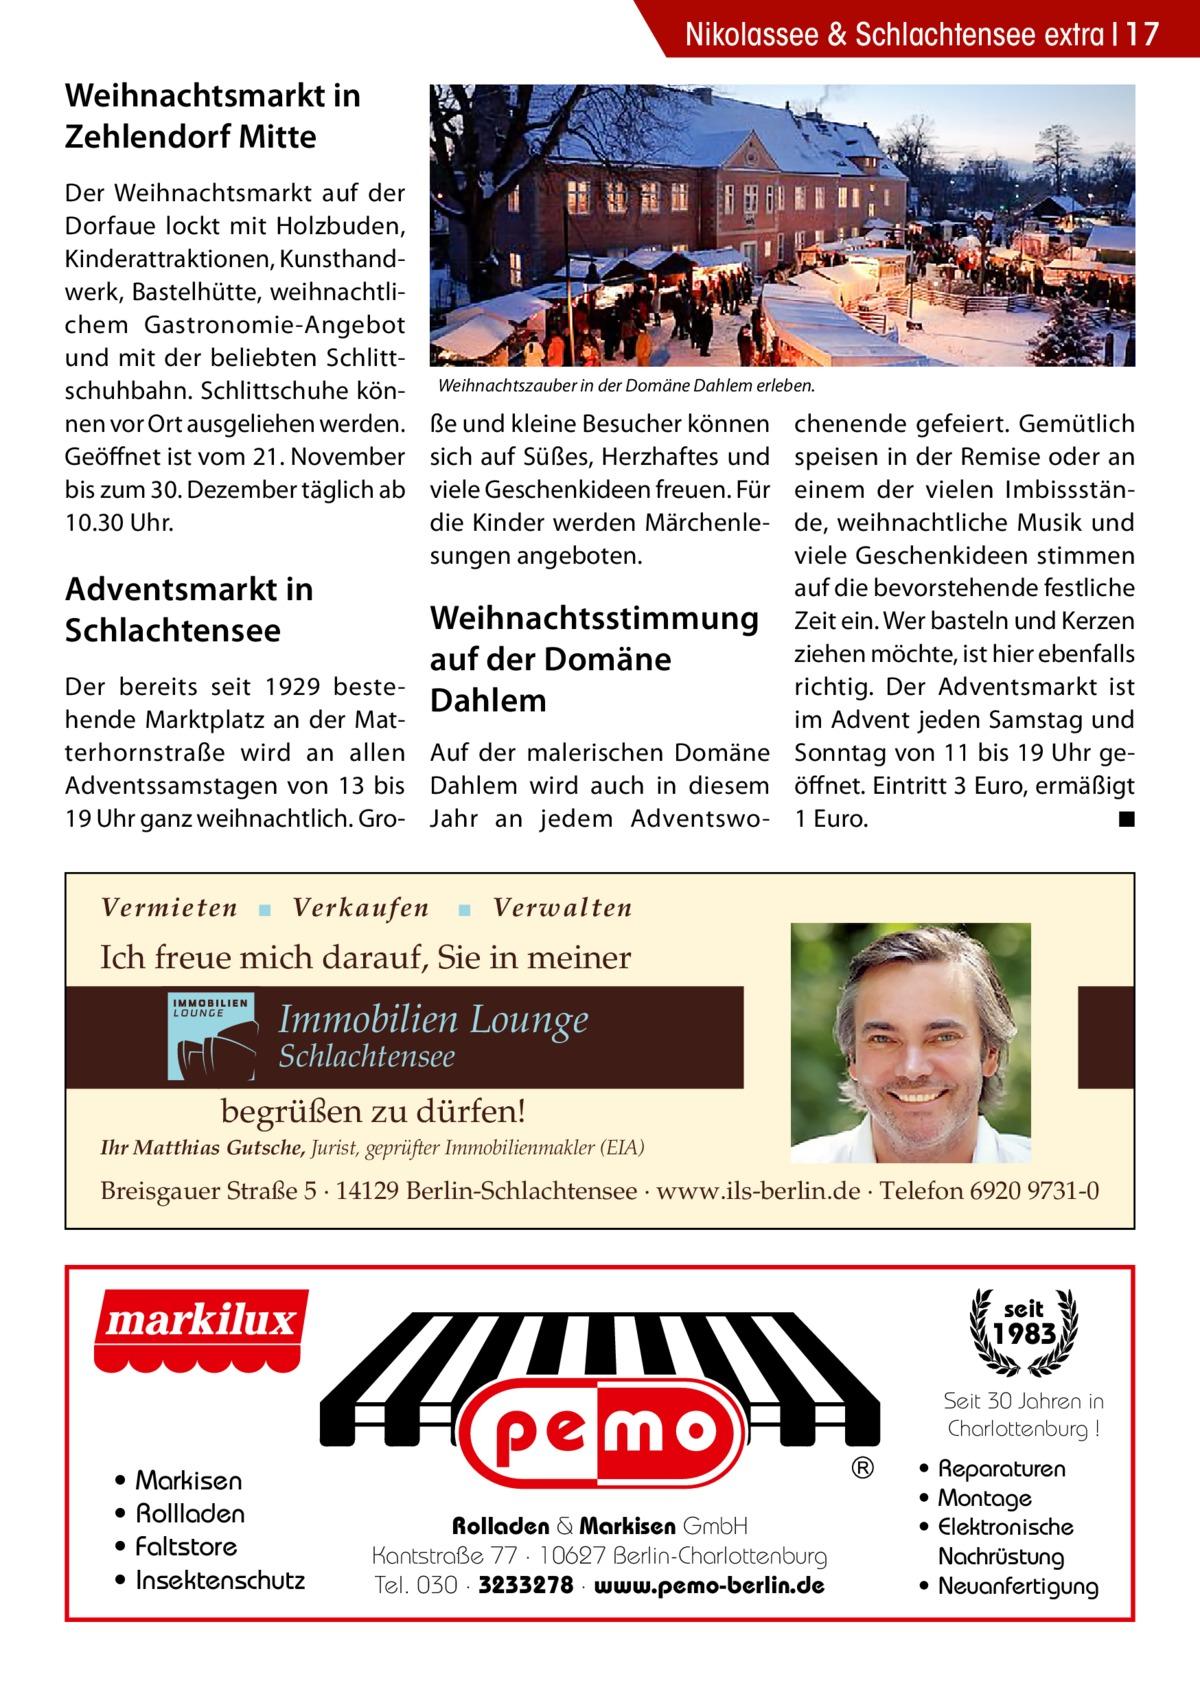 Nikolassee & Schlachtensee extra 17  Weihnachtsmarkt in Zehlendorf Mitte Der Weihnachtsmarkt auf der Dorfaue lockt mit Holzbuden, Kinderattraktionen, Kunsthandwerk, Bastelhütte, weihnachtlichem Gastronomie-Angebot und mit der beliebten Schlittschuhbahn. Schlittschuhe können vor Ort ausgeliehen werden. Geöffnet ist vom 21.November bis zum 30.Dezember täglich ab 10.30Uhr.  Adventsmarkt in Schlachtensee Der bereits seit 1929 bestehende Marktplatz an der Matterhornstraße wird an allen Adventssamstagen von 13 bis 19Uhr ganz weihnachtlich. Gro Weihnachtszauber in der Domäne Dahlem erleben.  ße und kleine Besucher können sich auf Süßes, Herzhaftes und viele Geschenkideen freuen. Für die Kinder werden Märchenlesungen angeboten.  chenende gefeiert. Gemütlich speisen in der Remise oder an einem der vielen Imbissstände, weihnachtliche Musik und viele Geschenkideen stimmen auf die bevorstehende festliche Weihnachtsstimmung Zeit ein. Wer basteln und Kerzen ziehen möchte, ist hier ebenfalls auf der Domäne richtig. Der Adventsmarkt ist Dahlem im Advent jeden Samstag und Auf der malerischen Domäne Sonntag von 11 bis 19Uhr geDahlem wird auch in diesem öffnet. Eintritt 3Euro, ermäßigt ◾ Jahr an jedem Adventswo- 1Euro. �  Vermieten ▪ Verkaufen  ▪ Verwalten  Ich freue mich darauf, Sie in meiner  Immobilien Lounge Schlachtensee  begrüßen zu dürfen! Ihr Matthias Gutsche, Jurist, geprüfter Immobilienmakler (EIA)  Breisgauer Straße 5 · 14129 Berlin-Schlachtensee · www.ils-berlin.de · Telefon 6920 9731-0  seit  1983 Seit 30 Jahren in Charlottenburg !  • • • •  Markisen Rollladen Faltstore Insektenschutz  Rolladen & Markisen GmbH Kantstraße 77 · 10627 Berlin-Charlottenburg Tel. 030 · 3233278 · www.pemo-berlin.de  • Reparaturen • Montage • Elektronische Nachrüstung • Neuanfertigung